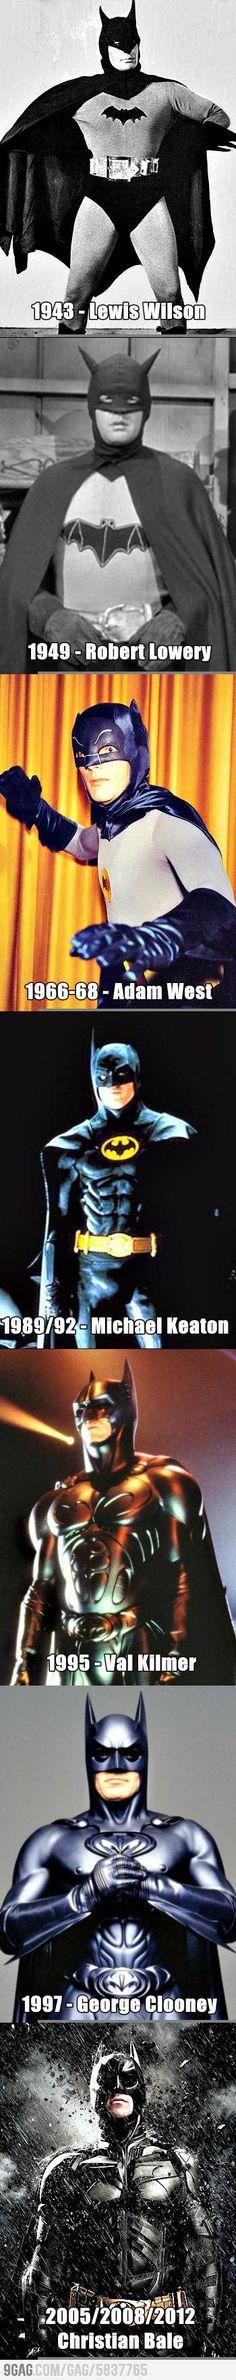 The batmen.